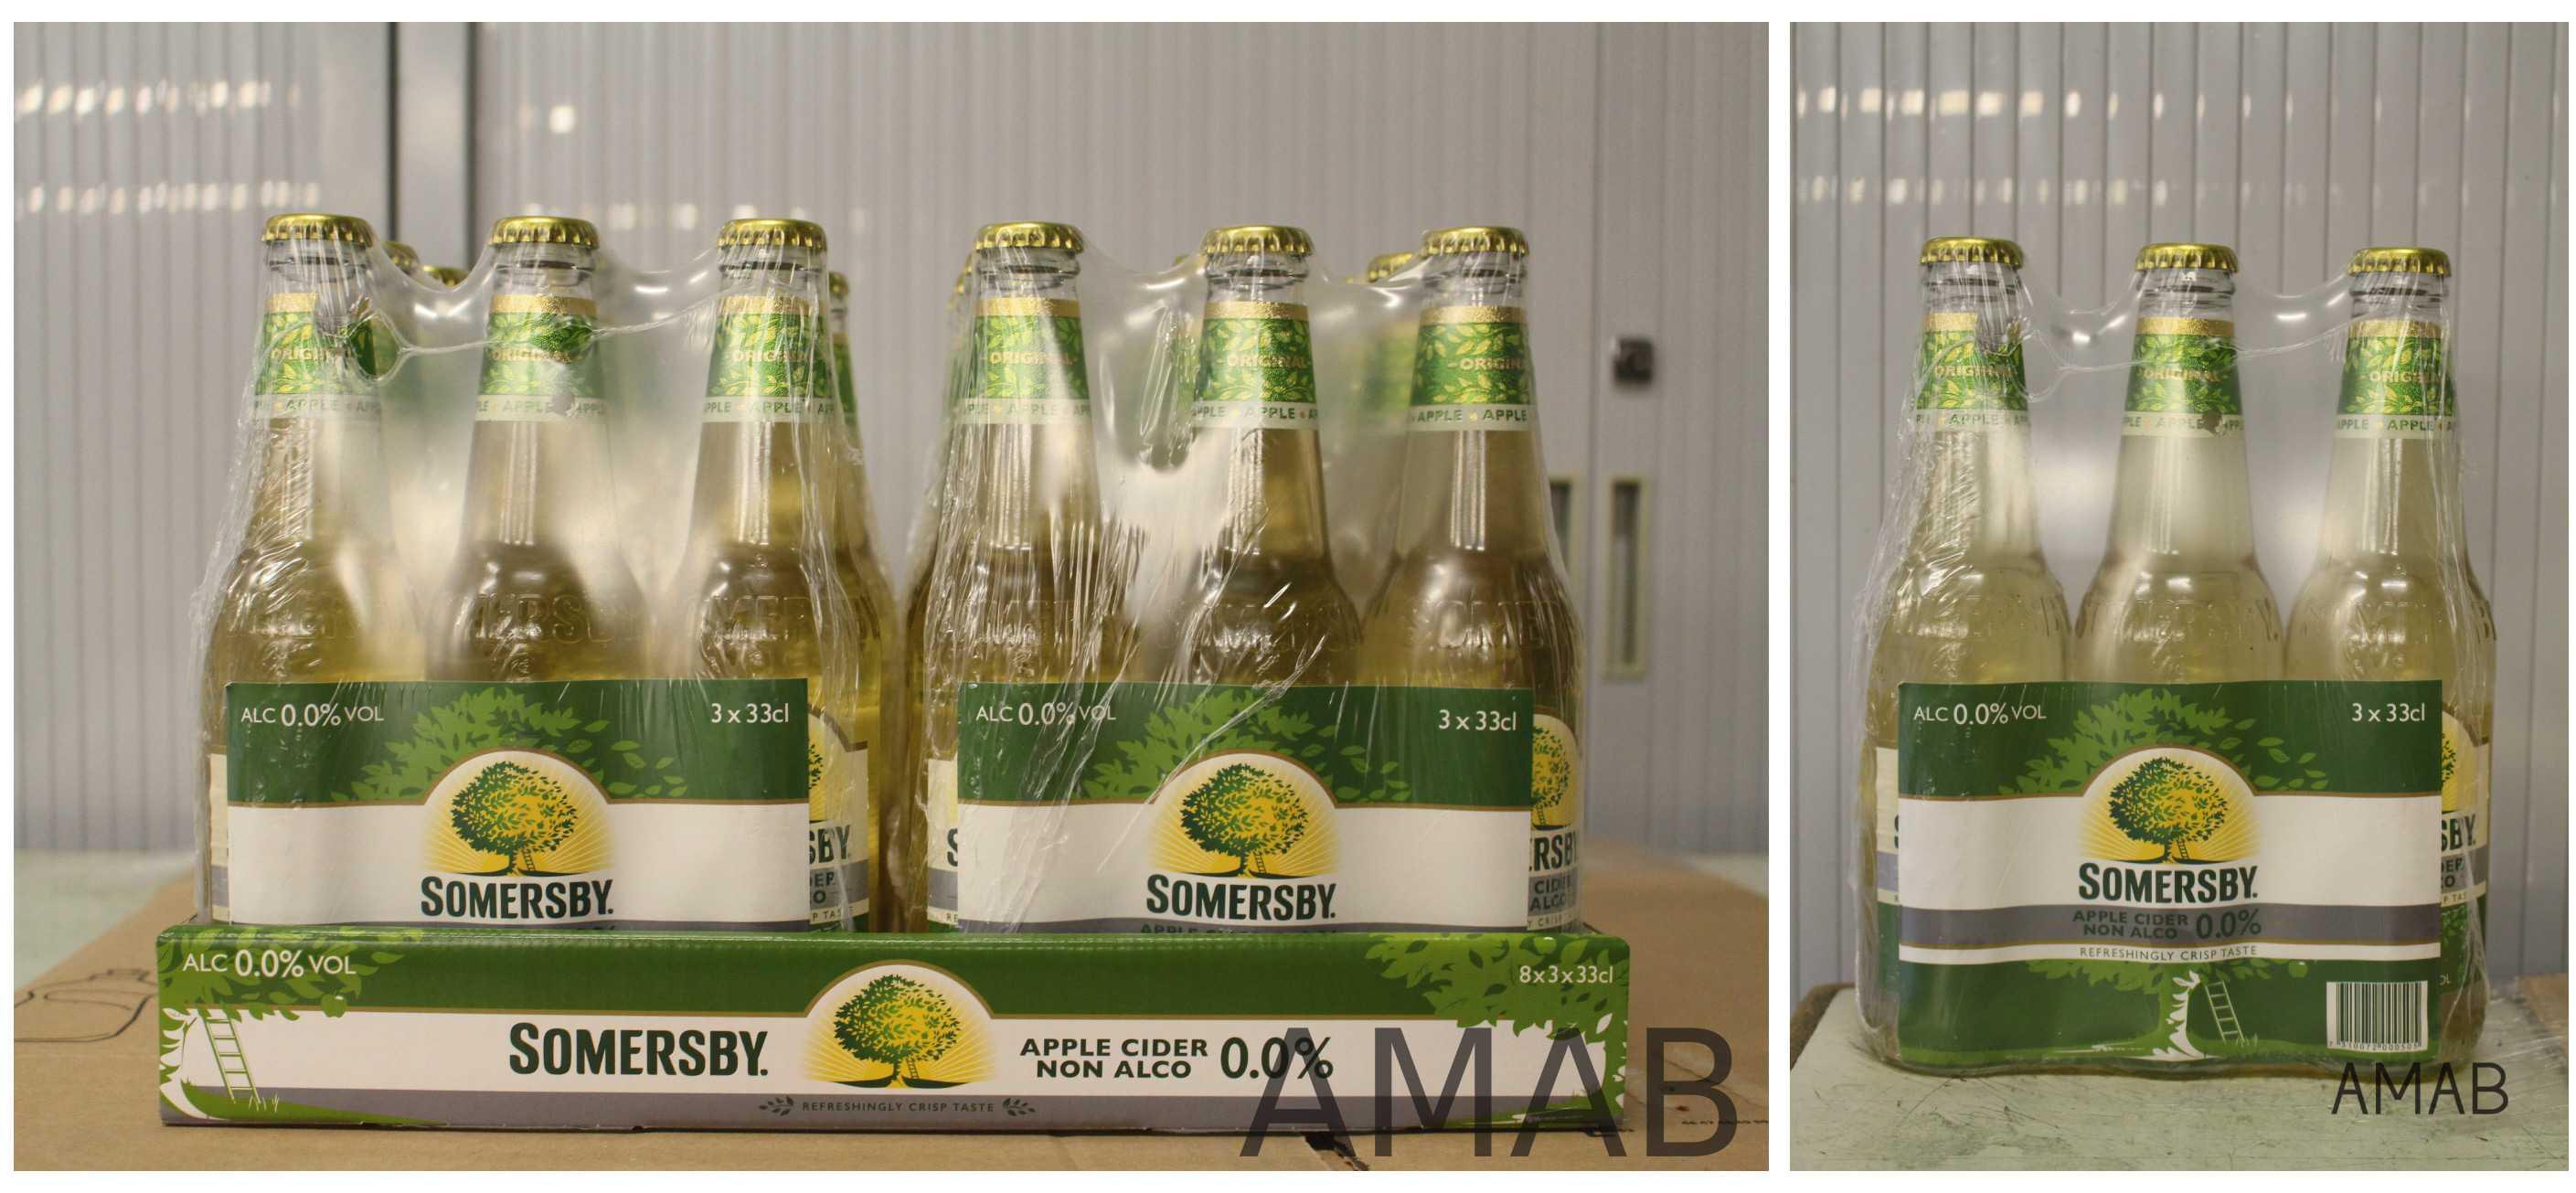 Case verpakking op maat maatwerkbedrijf AMAB: Somersby shrink